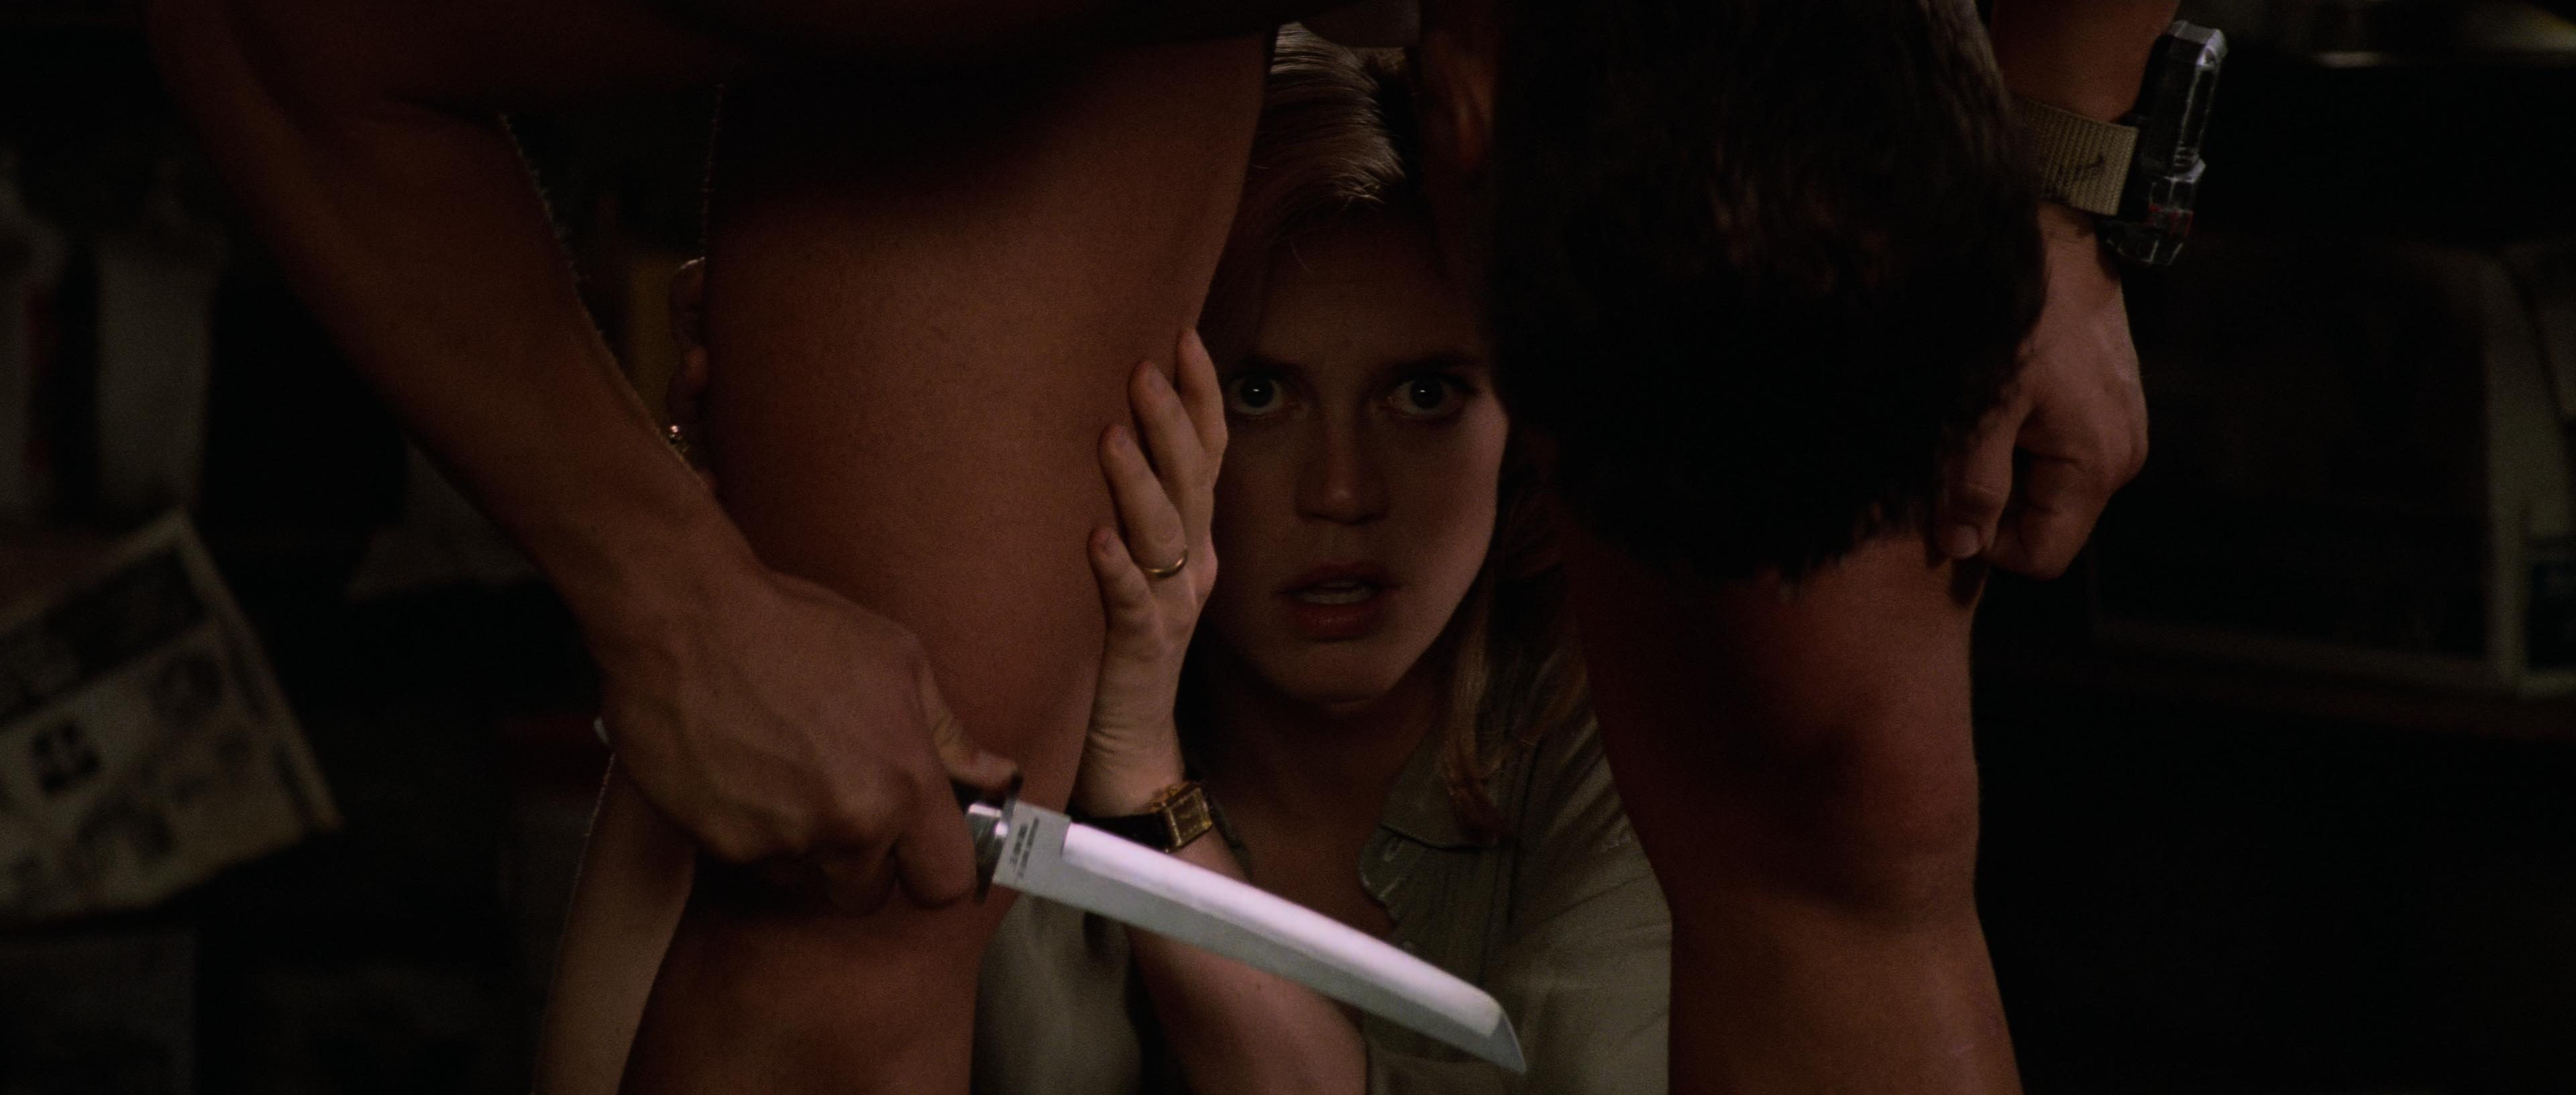 Ally Walker Hot film freak central - universal soldier (1992) - 4k ultra hd